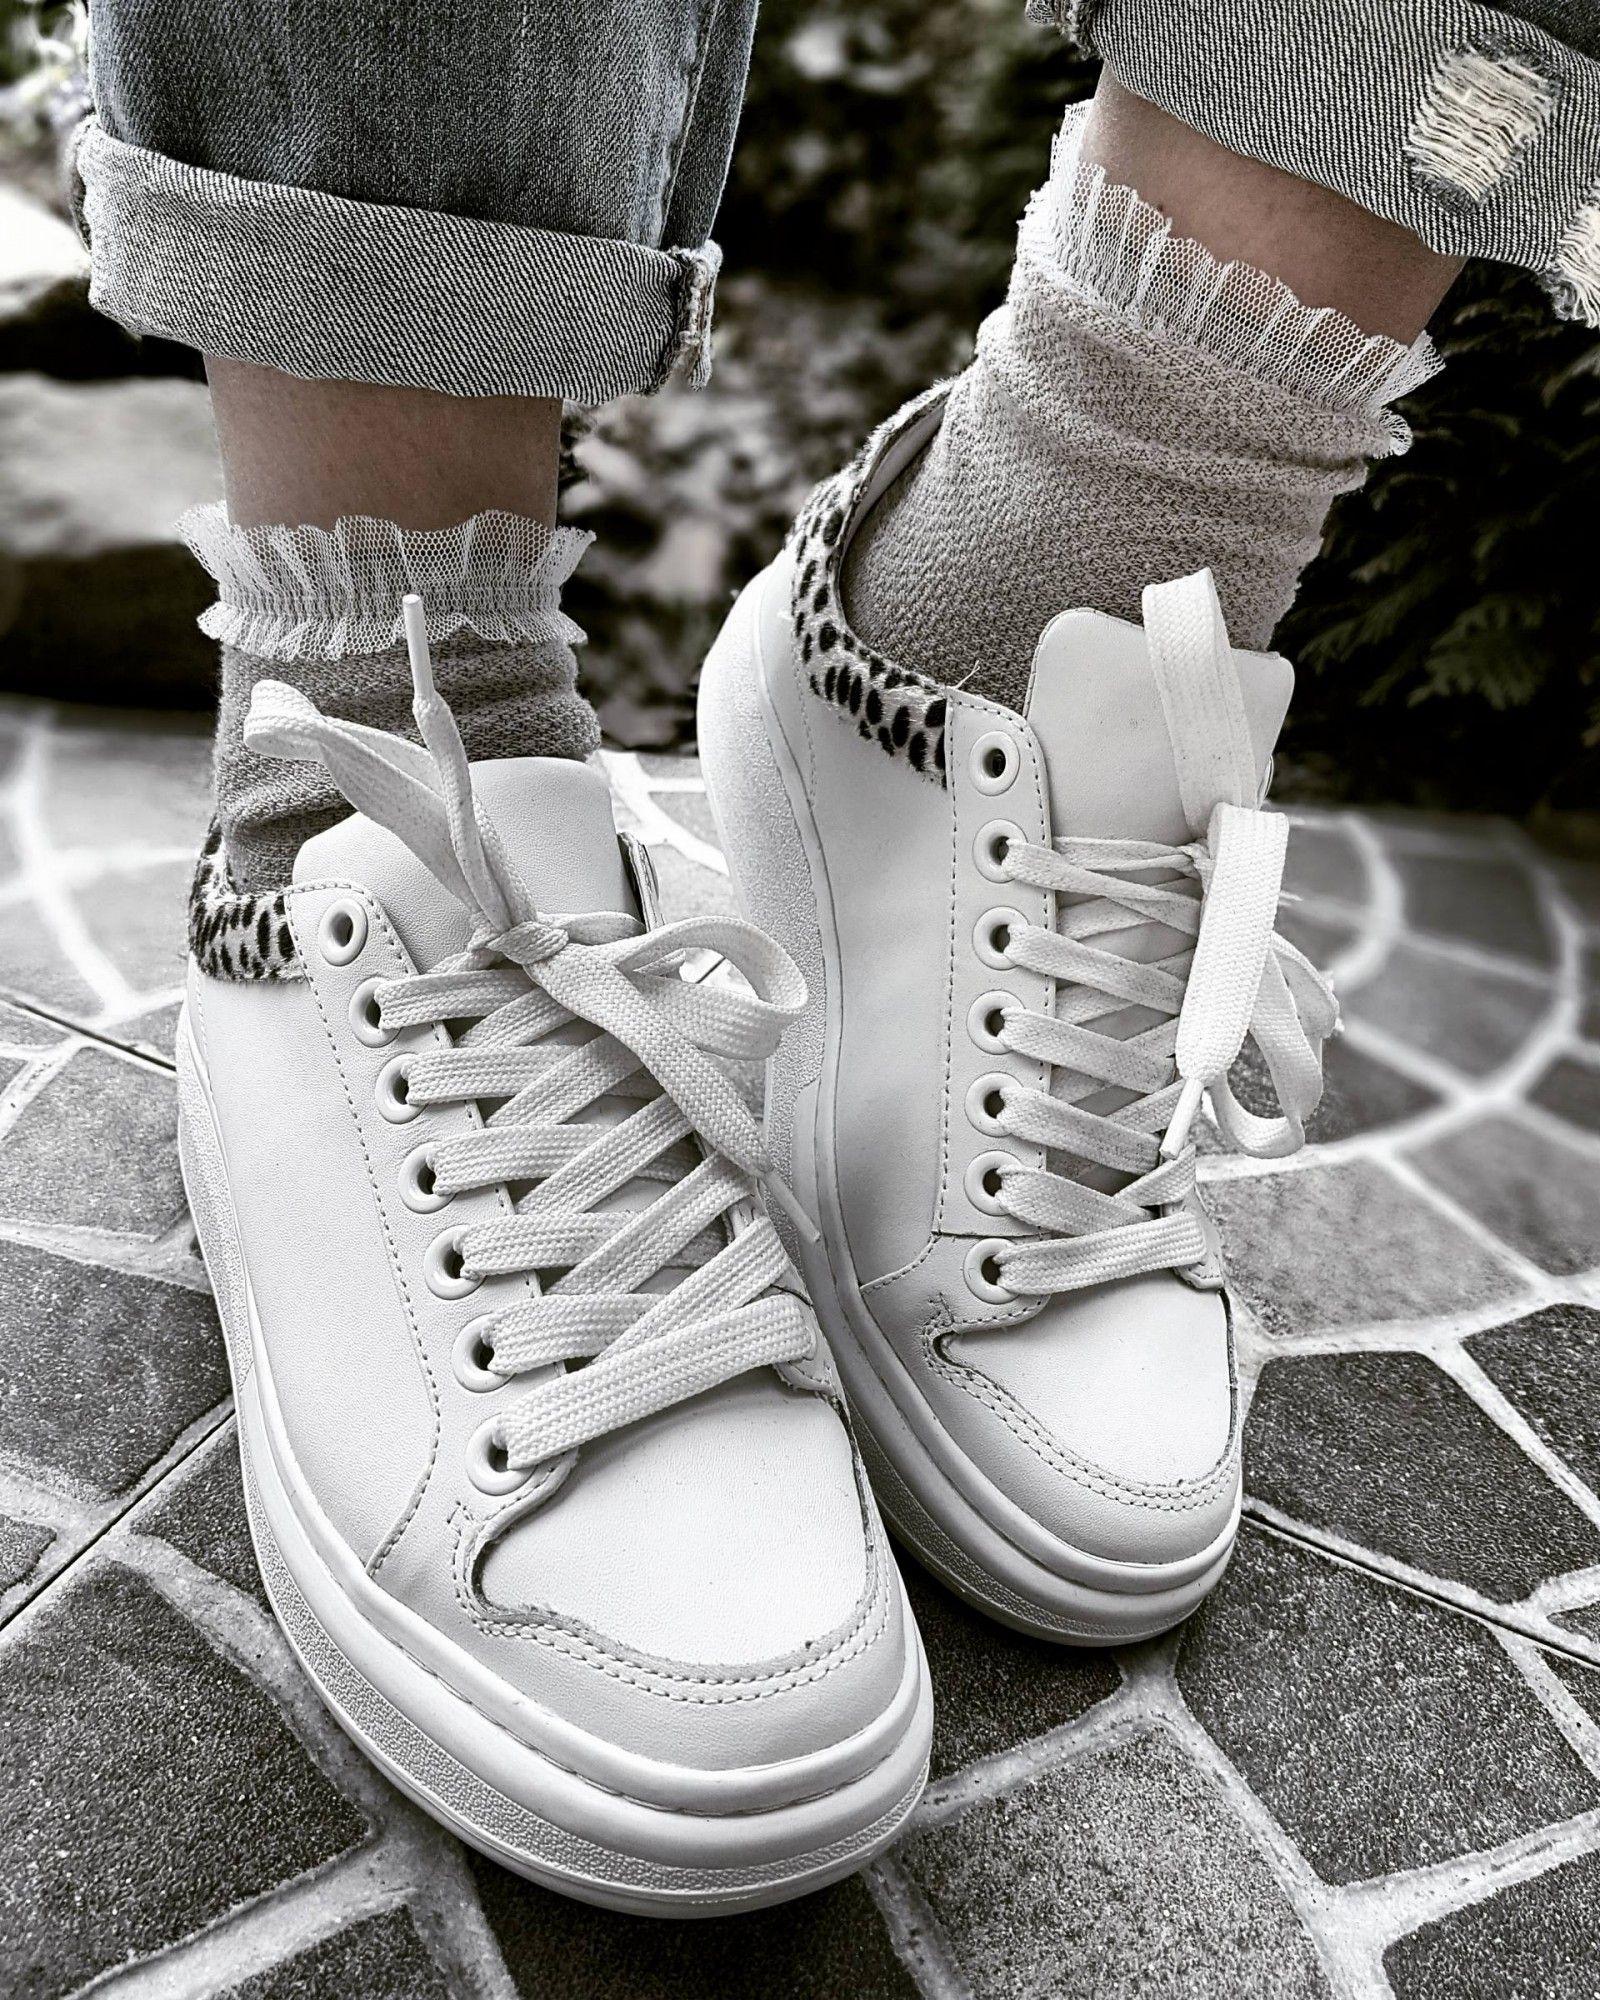 fac417699 CHAUSSETTES @CALZEDONIA BASKETS OU ESCARPINS ? | Shoes en 2019 ...